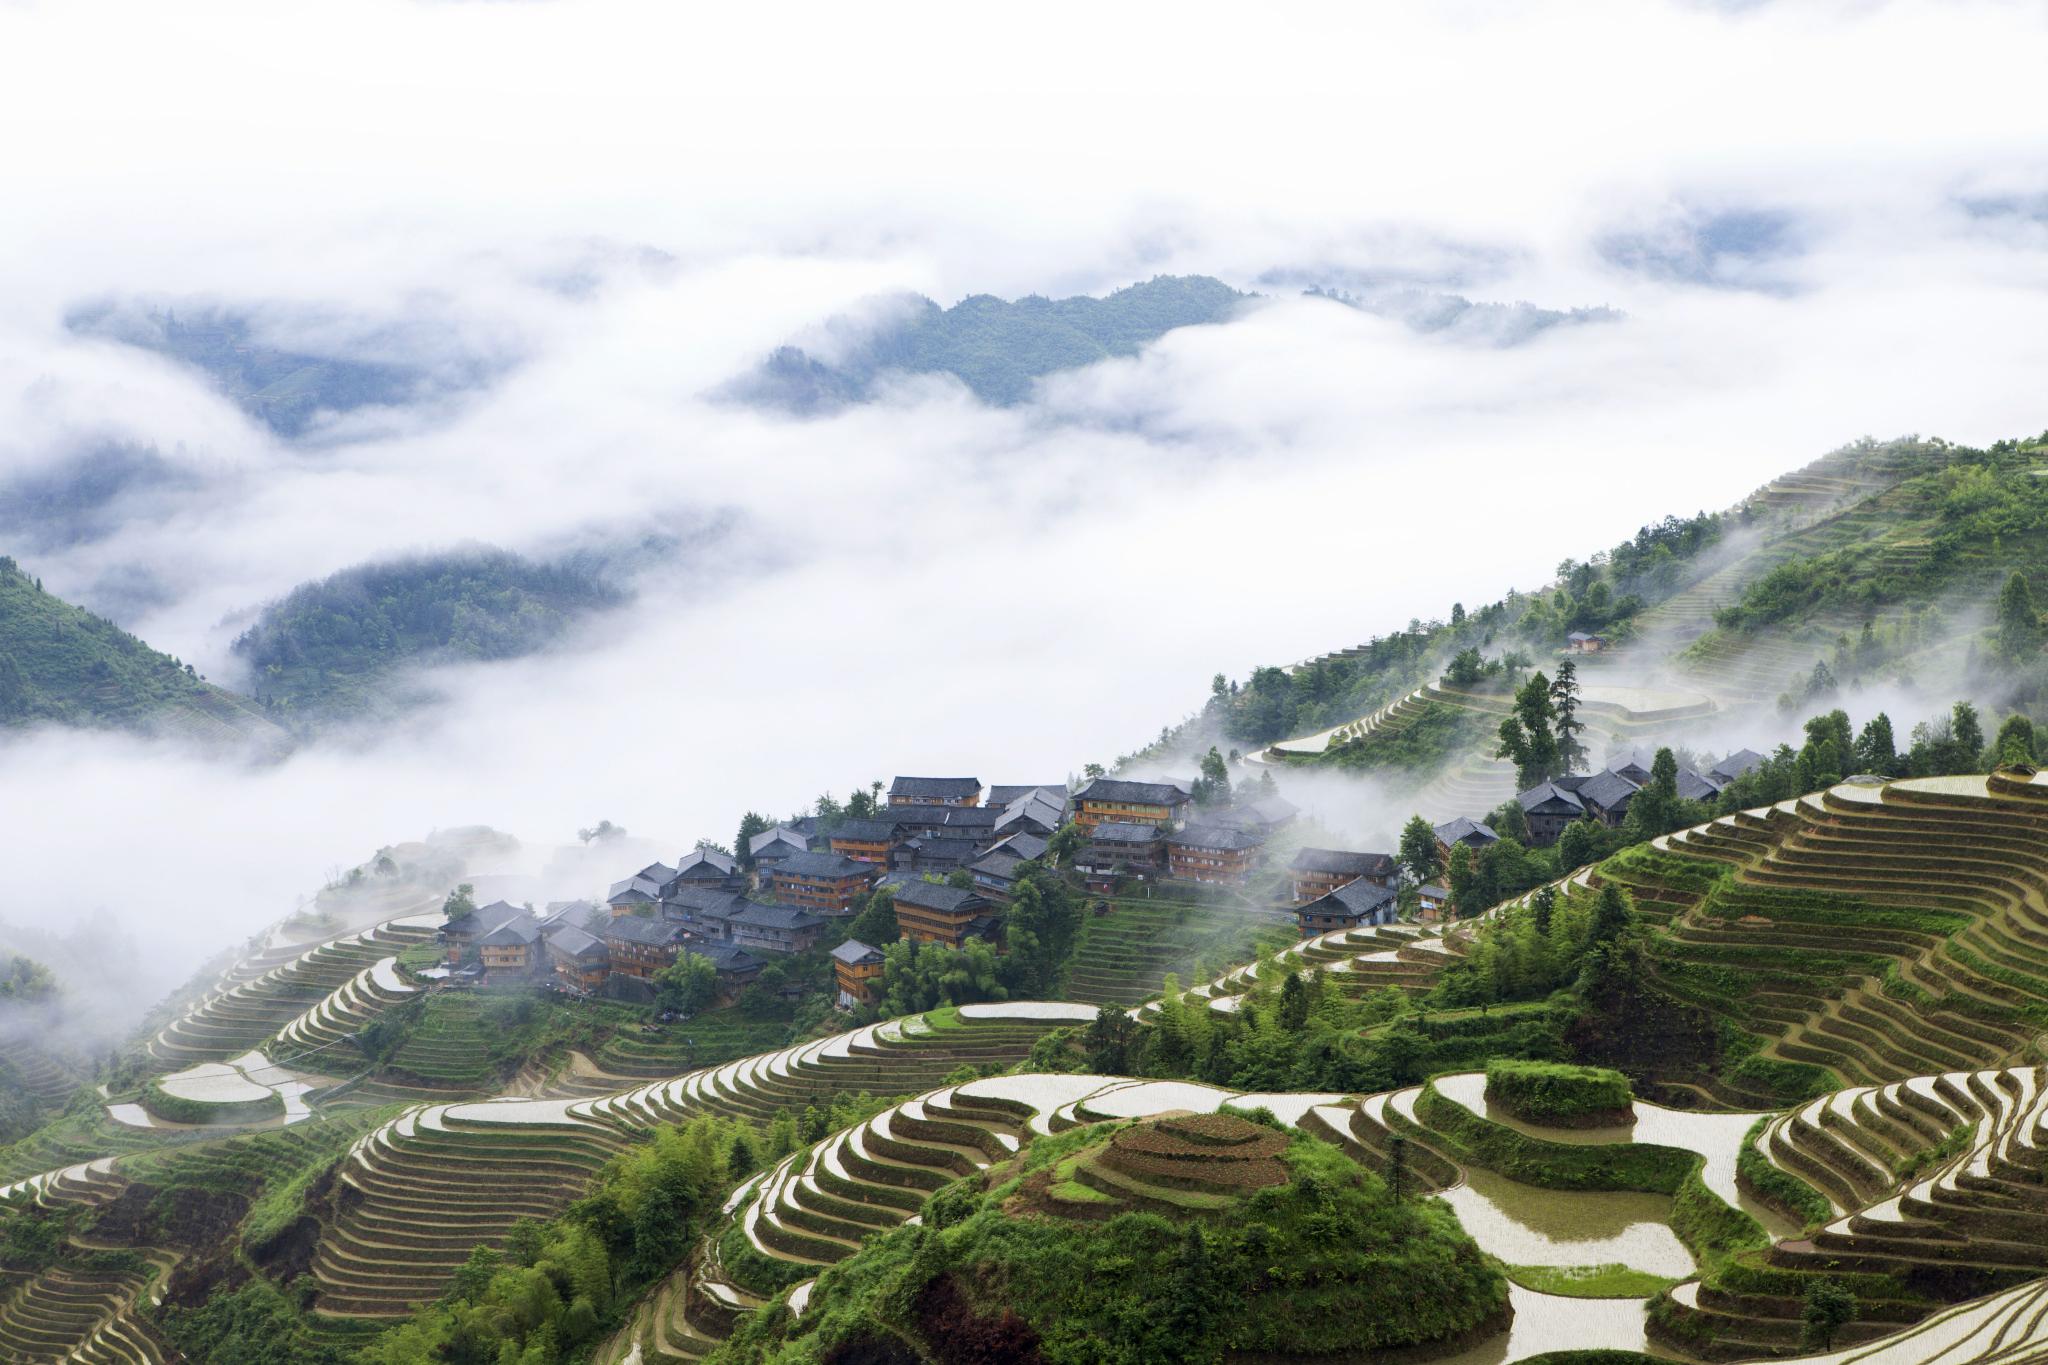 香港游记攻略_桂林图片大全_桂林风景图片/景点照片/旅游摄影【驴妈妈攻略】